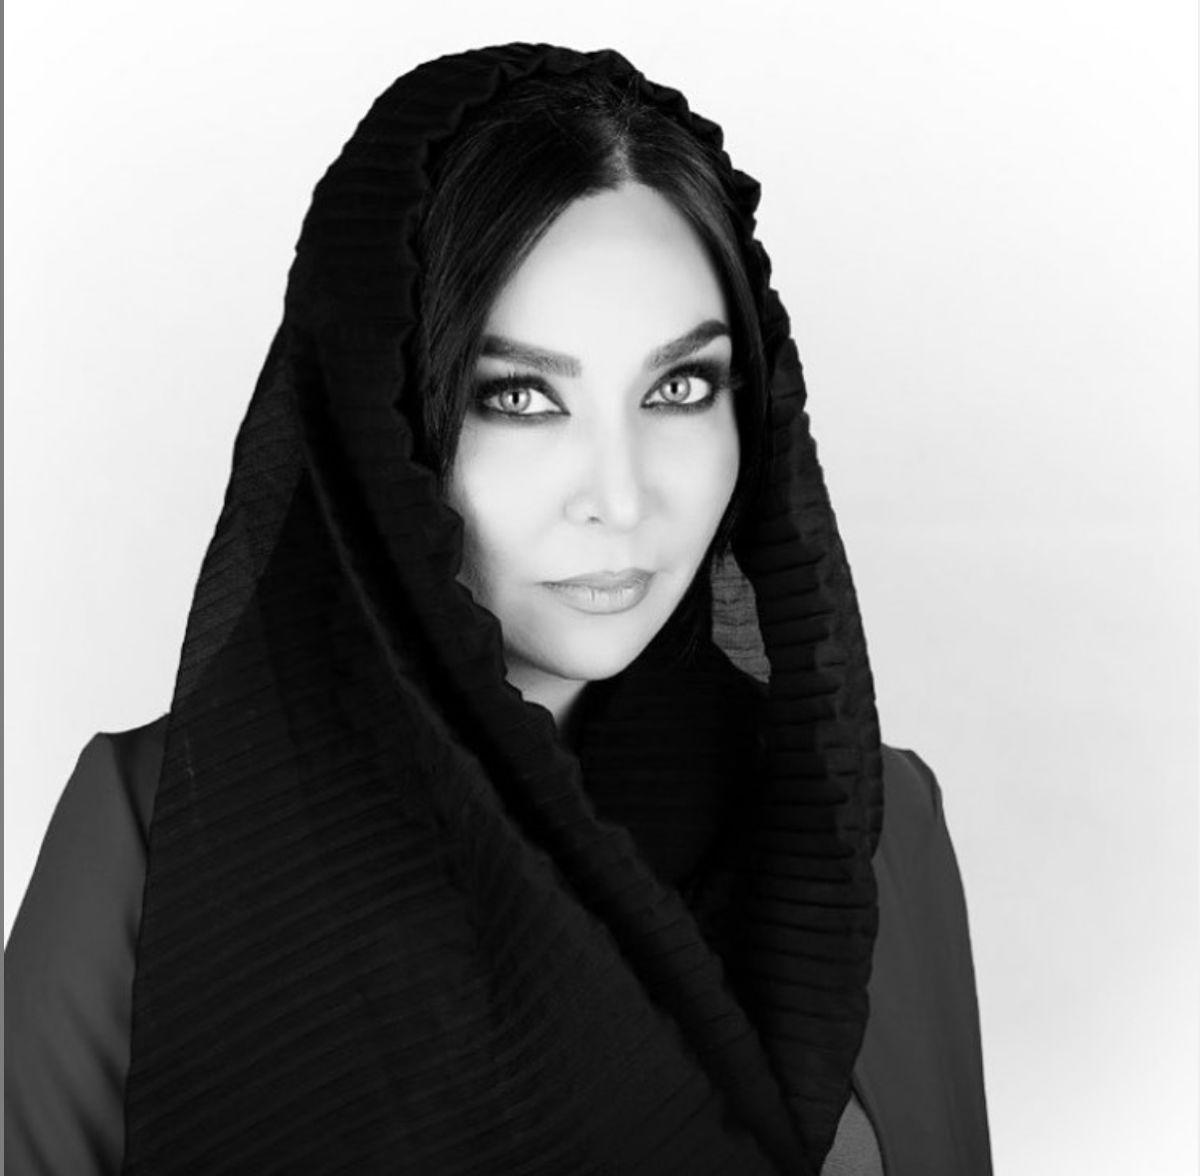 فقیهه سلطانی تغییر جنسیت داد